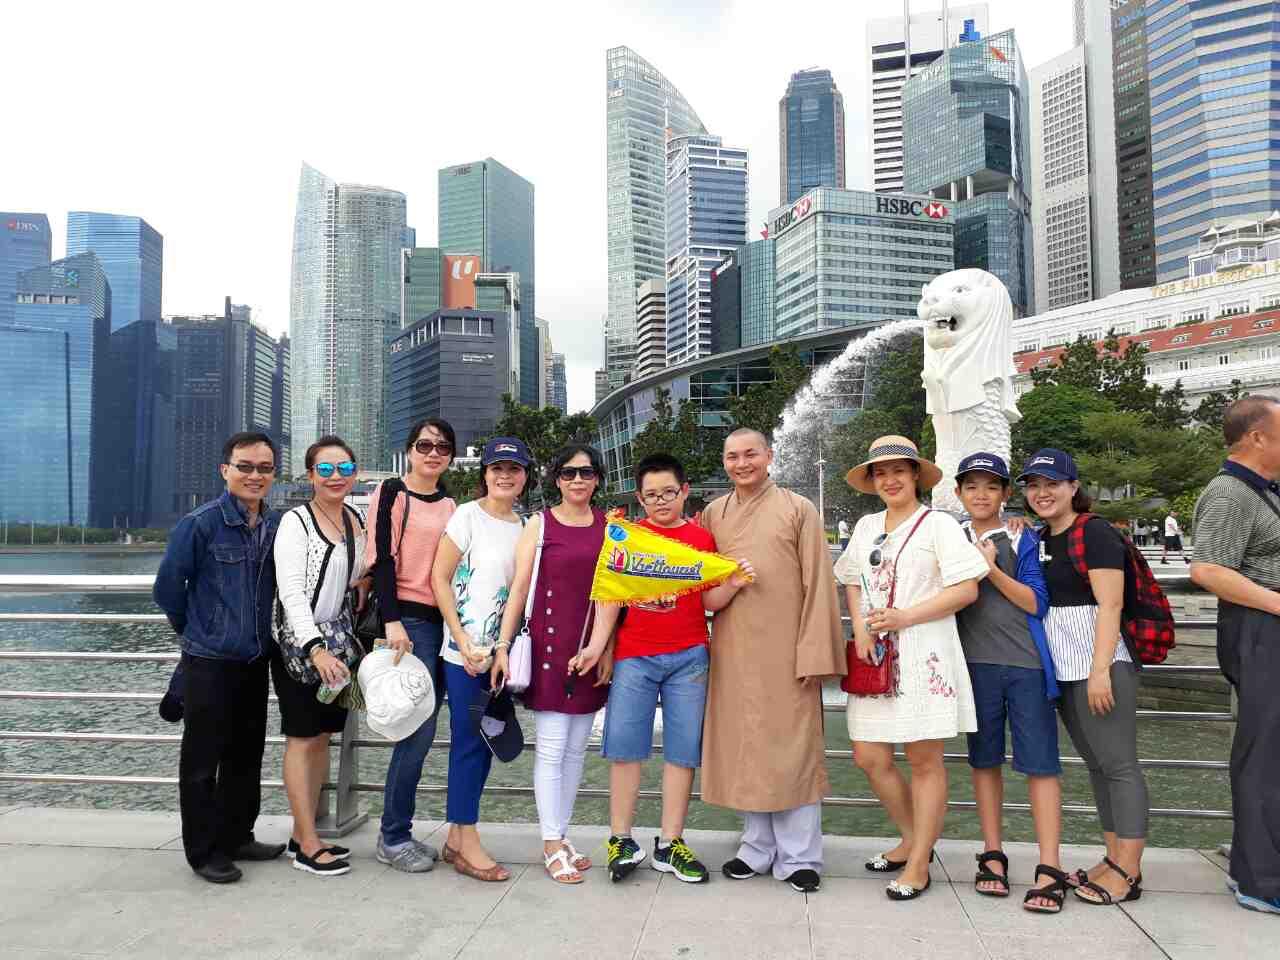 Ký sự du lịch Singapore 29/3/2017: Ngày đầu tiên ở Singapore